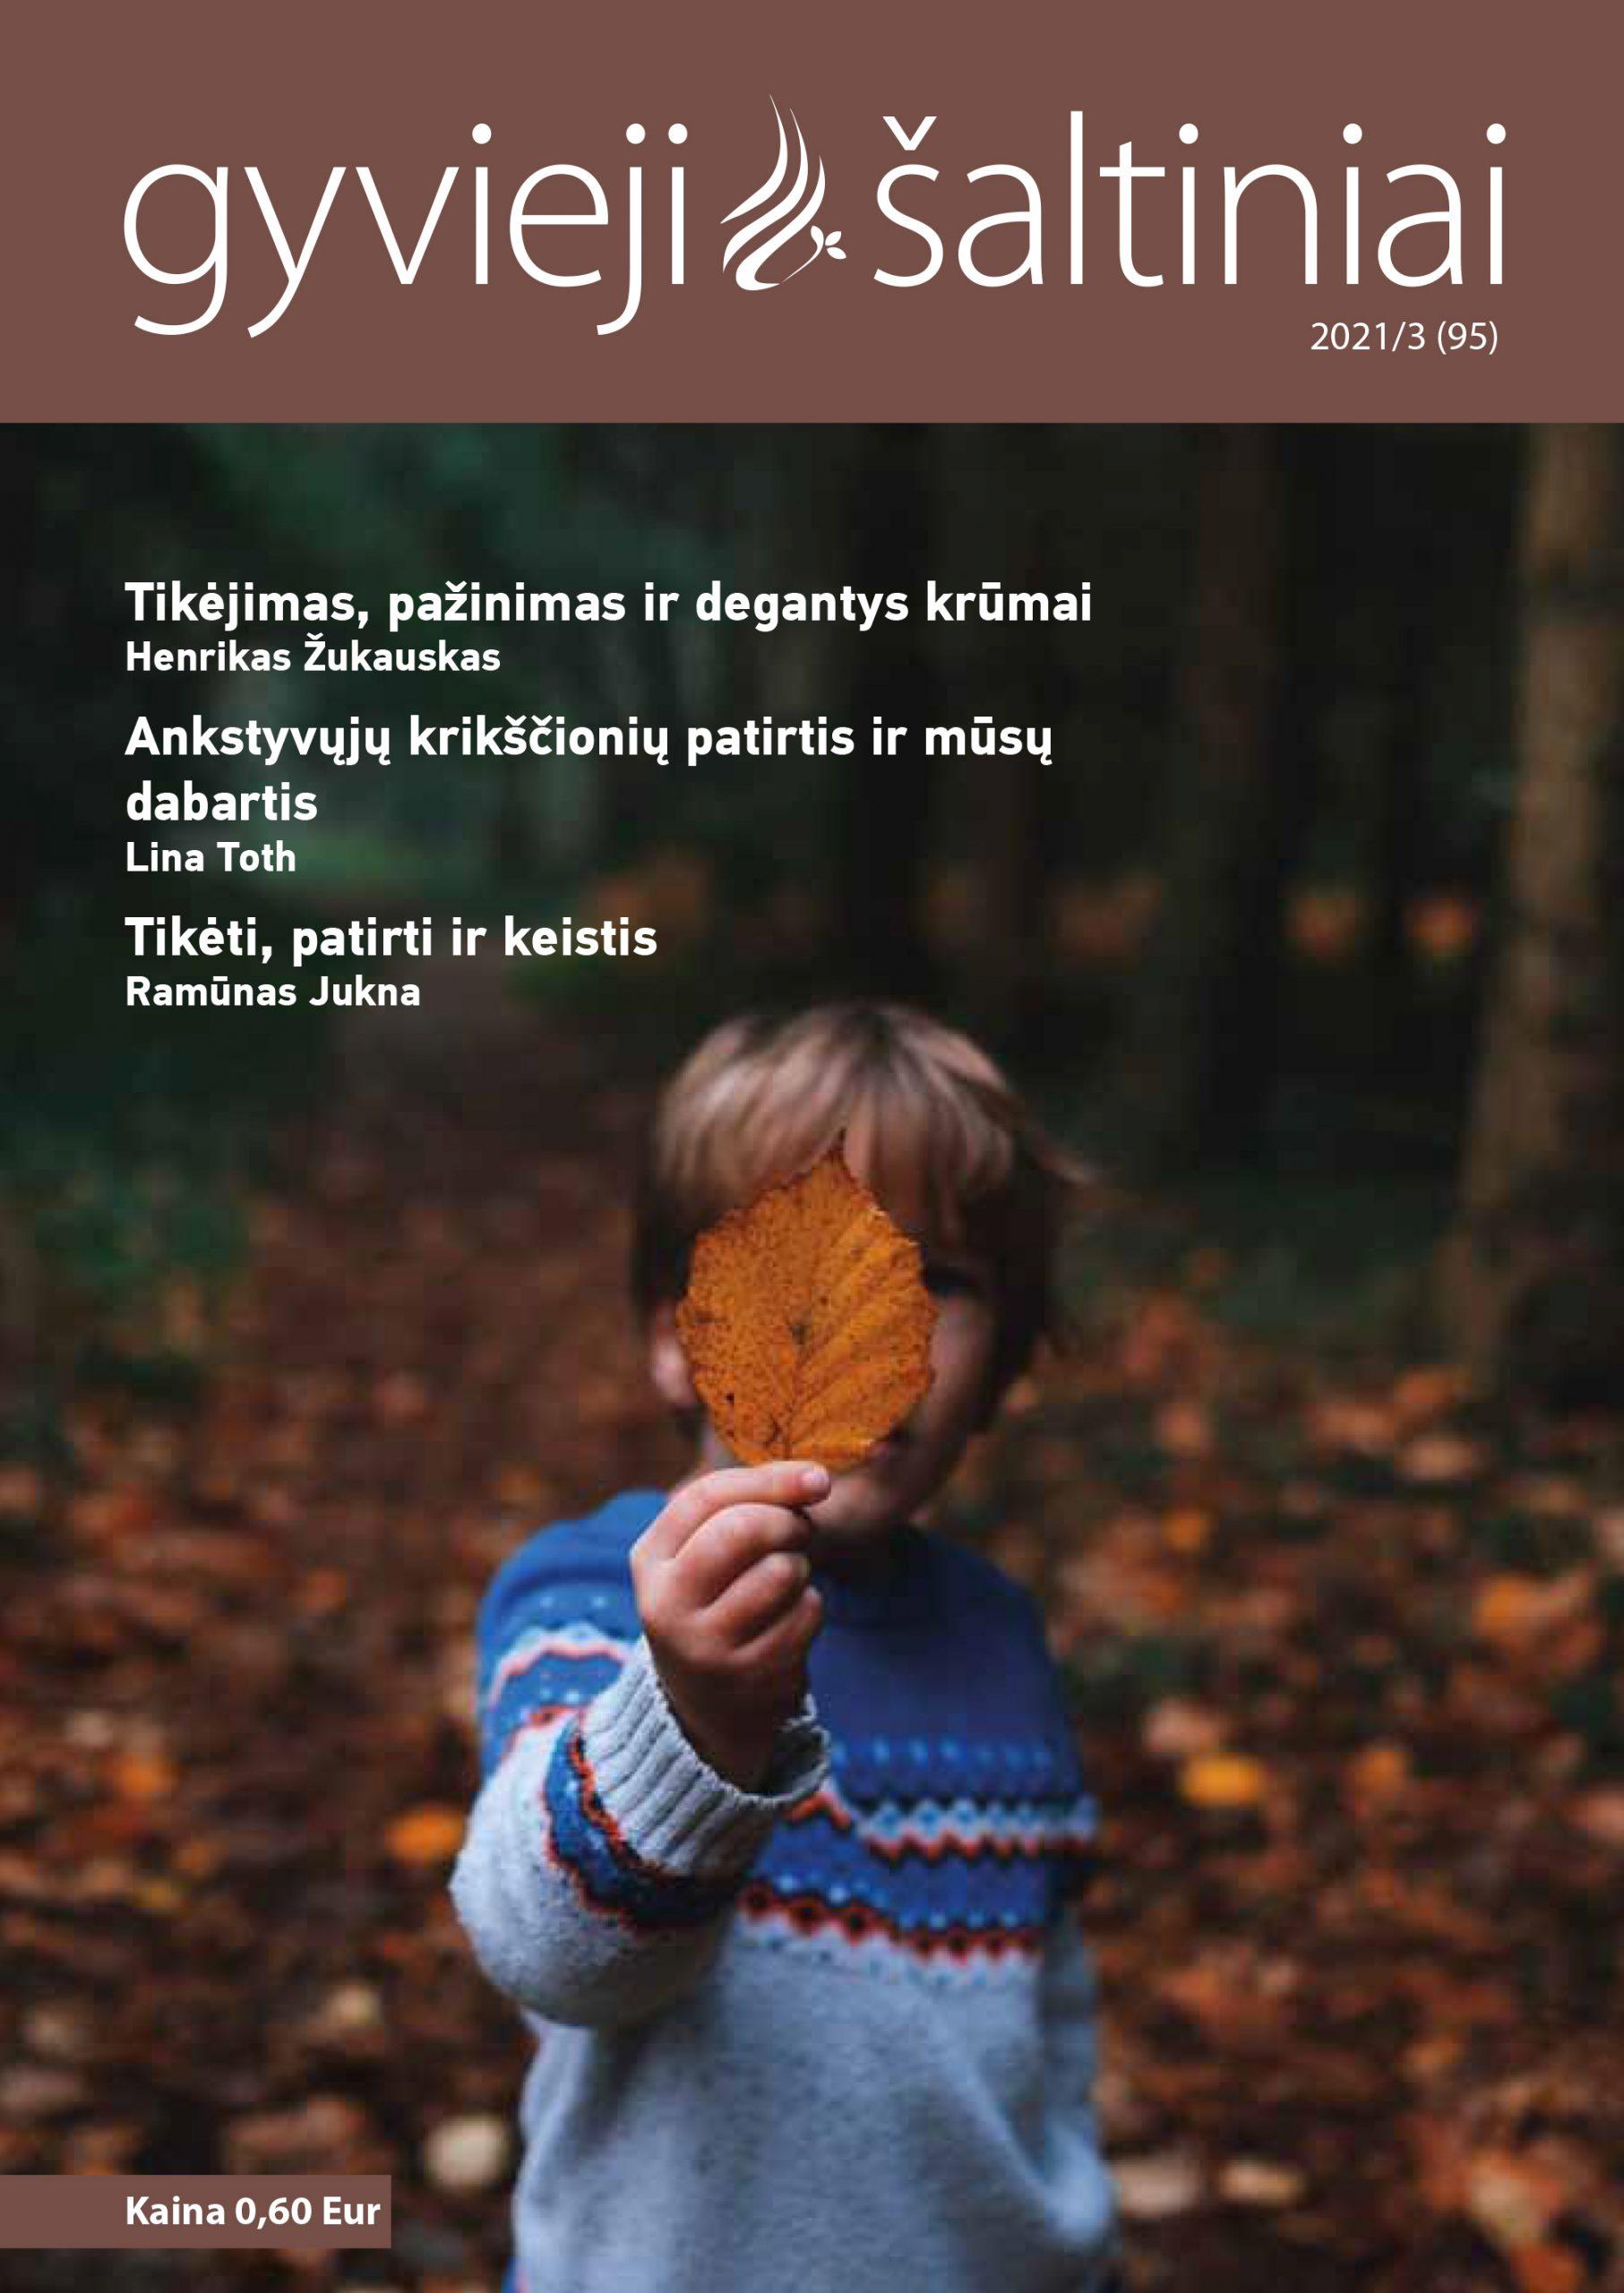 Gyvieji šaltiniai 2021/3 (95)